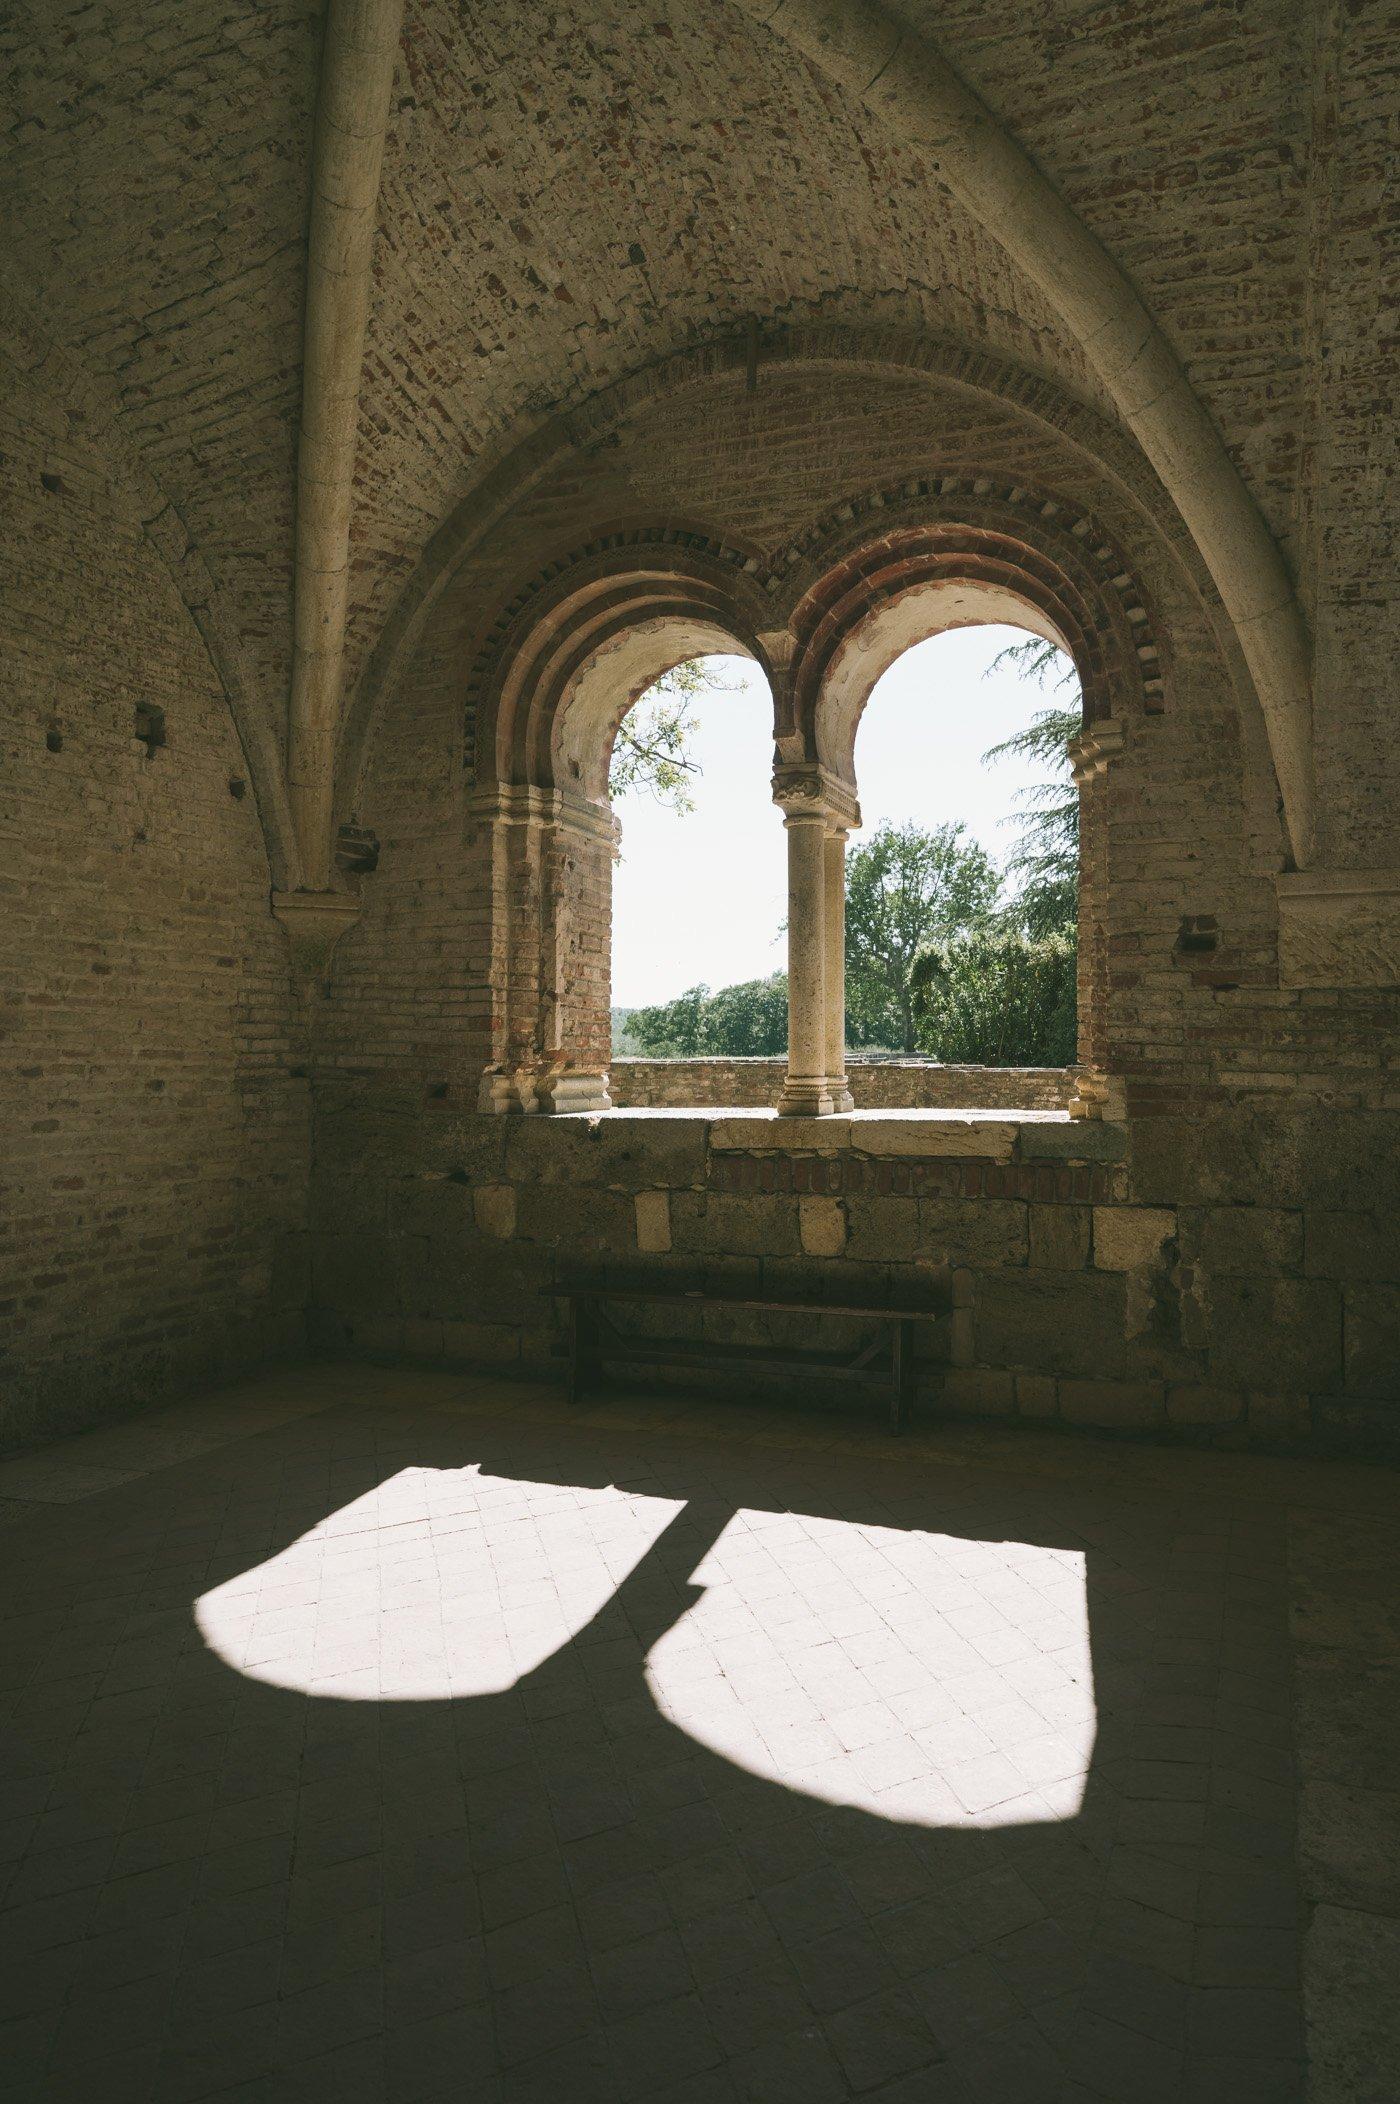 Abbey of San Galgano Tuscany